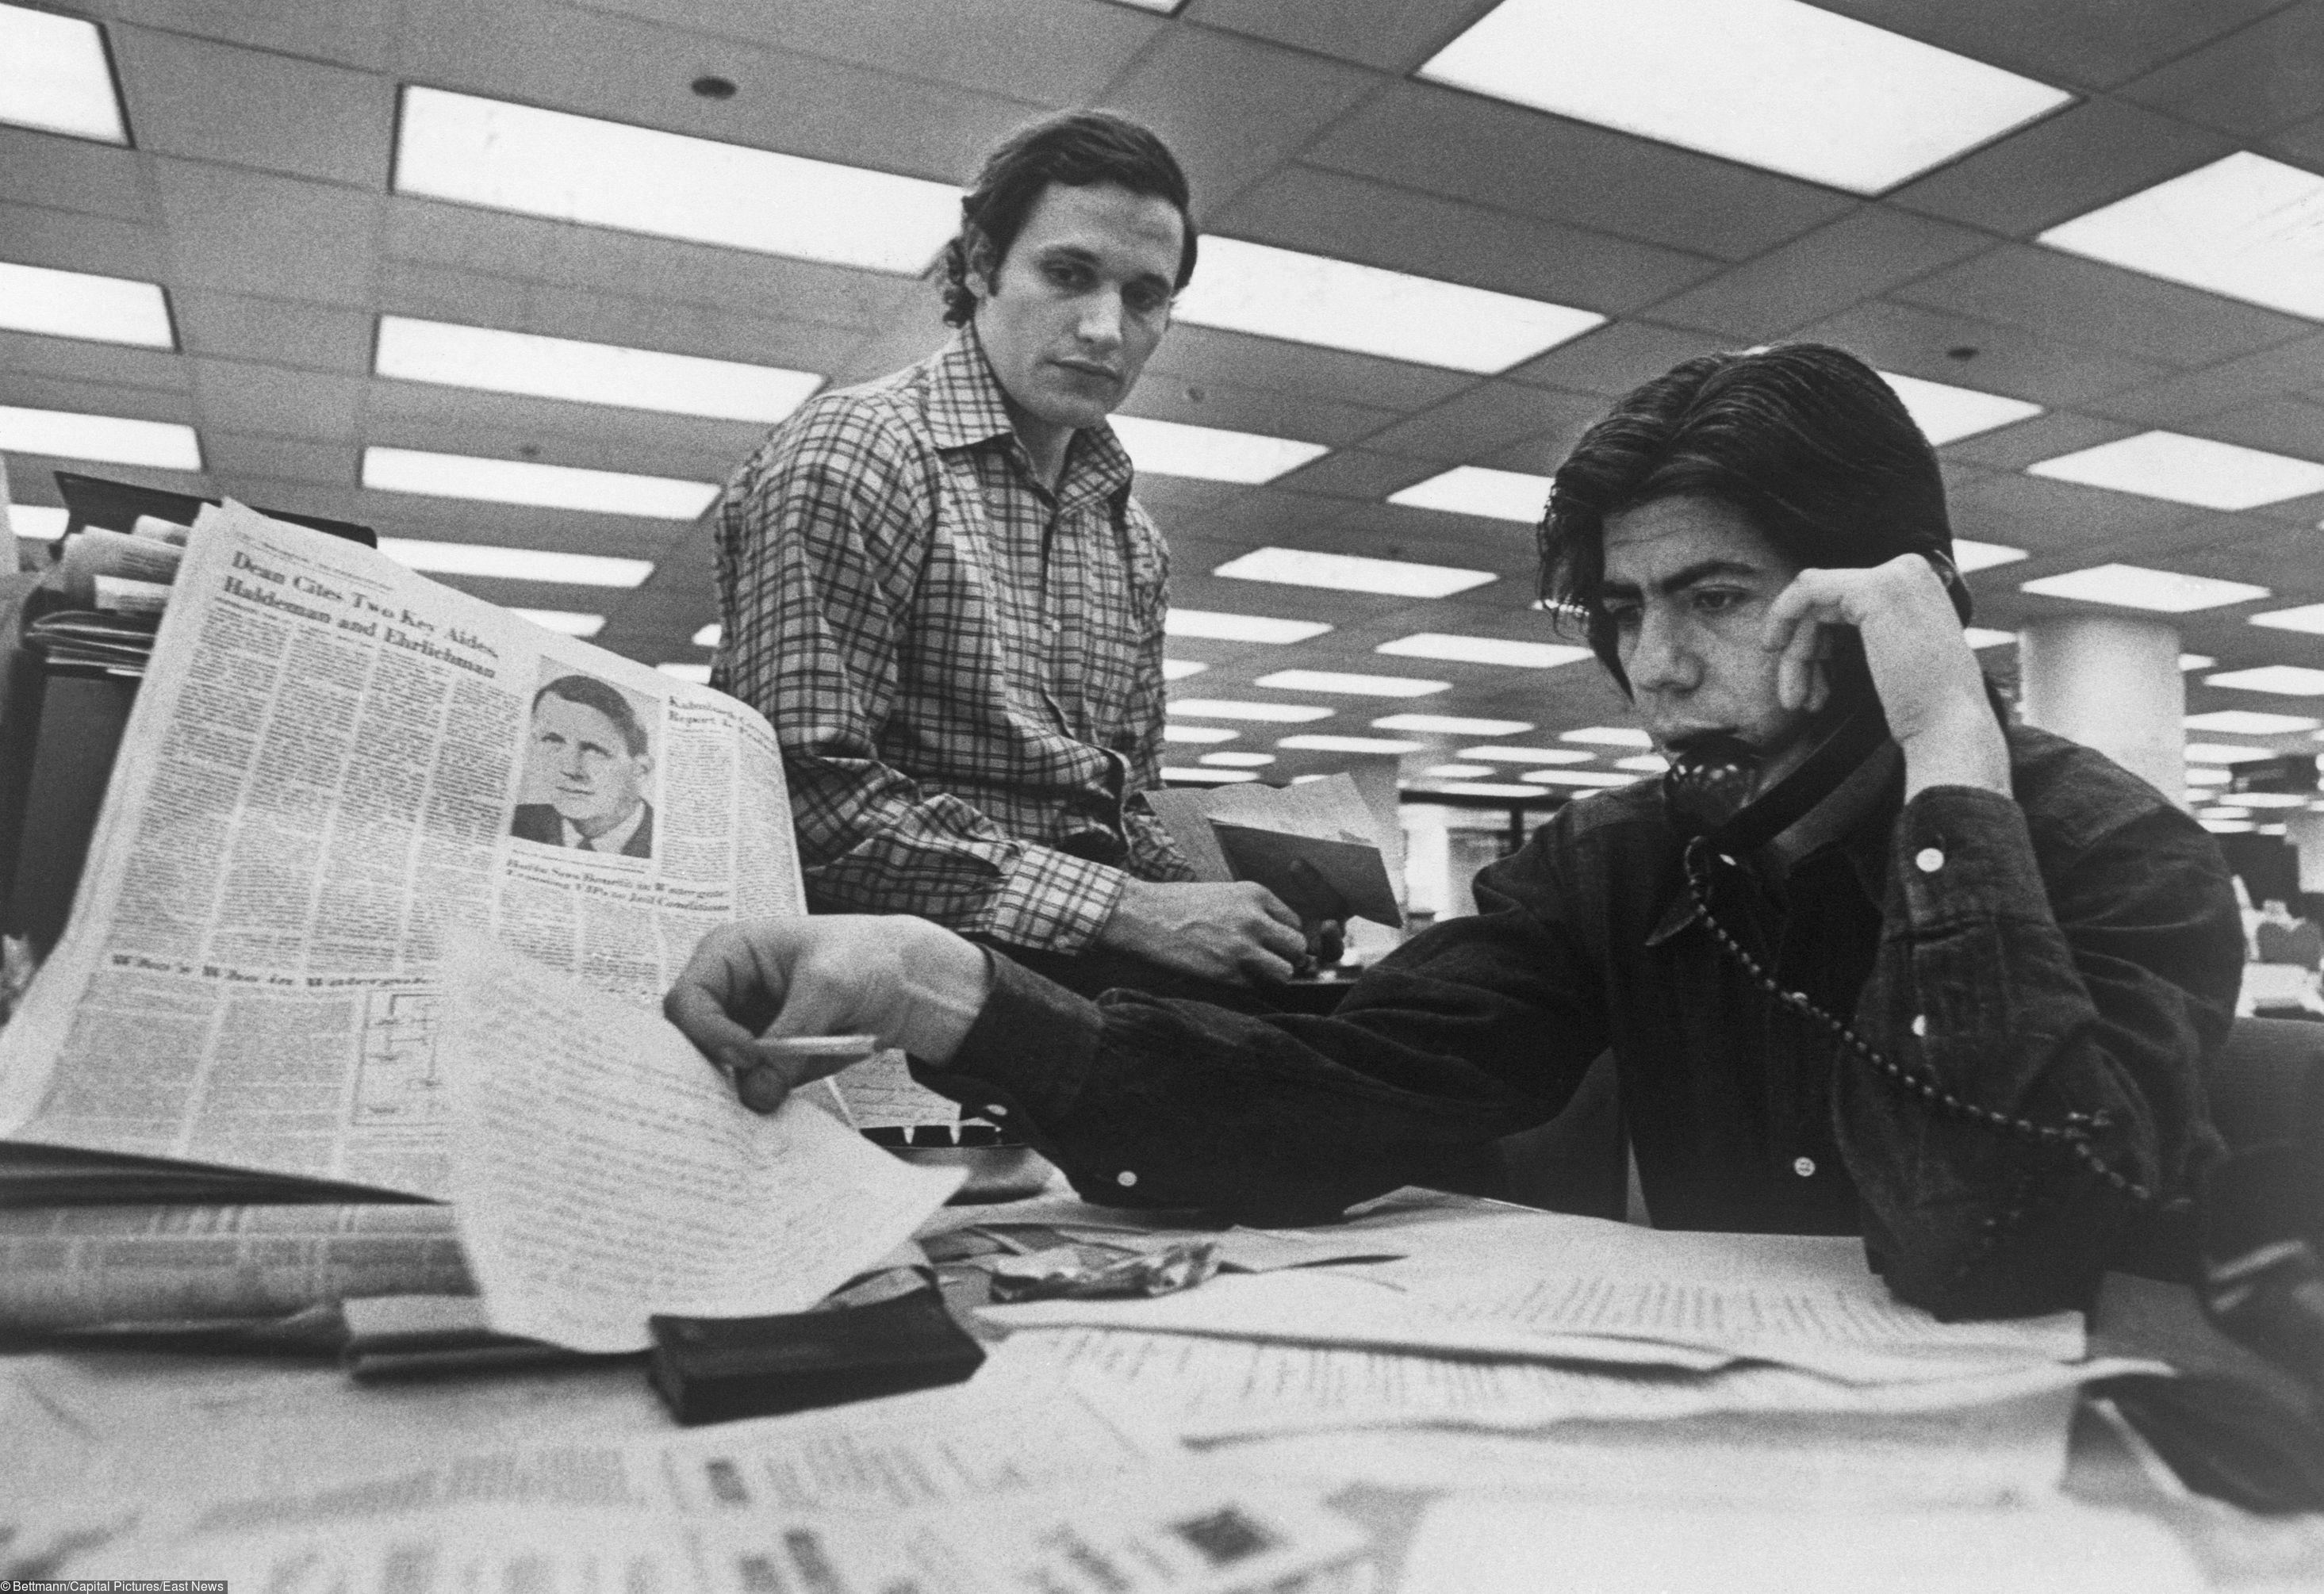 Боб Вудворд (слева) иКарл Бернштейн, штатные писатели The Washington Post, которые занимались расследованием дела Уотергейта, сидят засвоим столом